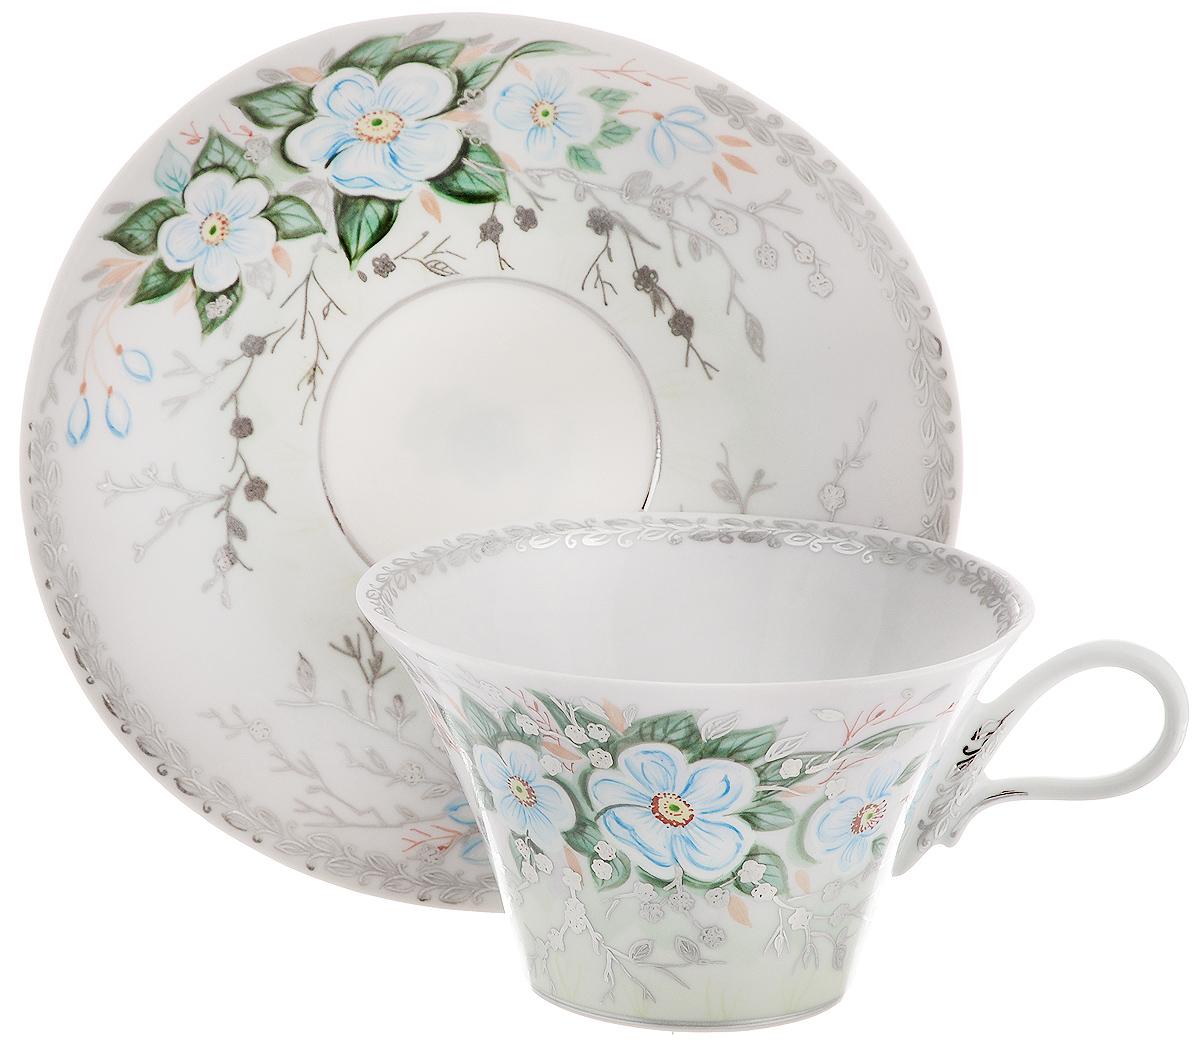 Чайная пара Фарфор Вербилок Дыхание весны, 2 предмета2829000ПЧайная пара Фарфор Вербилок Дыхание весны состоит из чашки и блюдца, которые изготовлены из высококачественного фарфора и украшены красивым цветочным рисунком. Несмотря на то, что фарфор легкий и тонкий, он отличается необычайной прочностью и долговечностью. Данная чайная пара изготовлена скульптором Валерием Анатольевичем Дрожжиным: плавно расширяющаяся снизу вверх чашечка, изящная удобная ручка, овальное блюдечко - все это создает невероятное ощущение легкости и свежести. Рисунок разработан художником Светланой Юрьевной Сычевой в стиле многовековой гарднеровской художественной школы и виртуозно выполнен вручную керамическими красками, золотом и платиной. Изысканный утонченный дизайн придется по вкусу ценителям классики и тем, кто предпочитает современный стиль.Чайная пара Дыхание весны украсит ваш кухонный стол, а также станет замечательным подарком к любому празднику.Диаметр чашки (по верхнему краю): 10 см.Высота чашки: 6 см.Размеры блюдца: 14,7 х 14 см.Высота блюдца: 2 см.